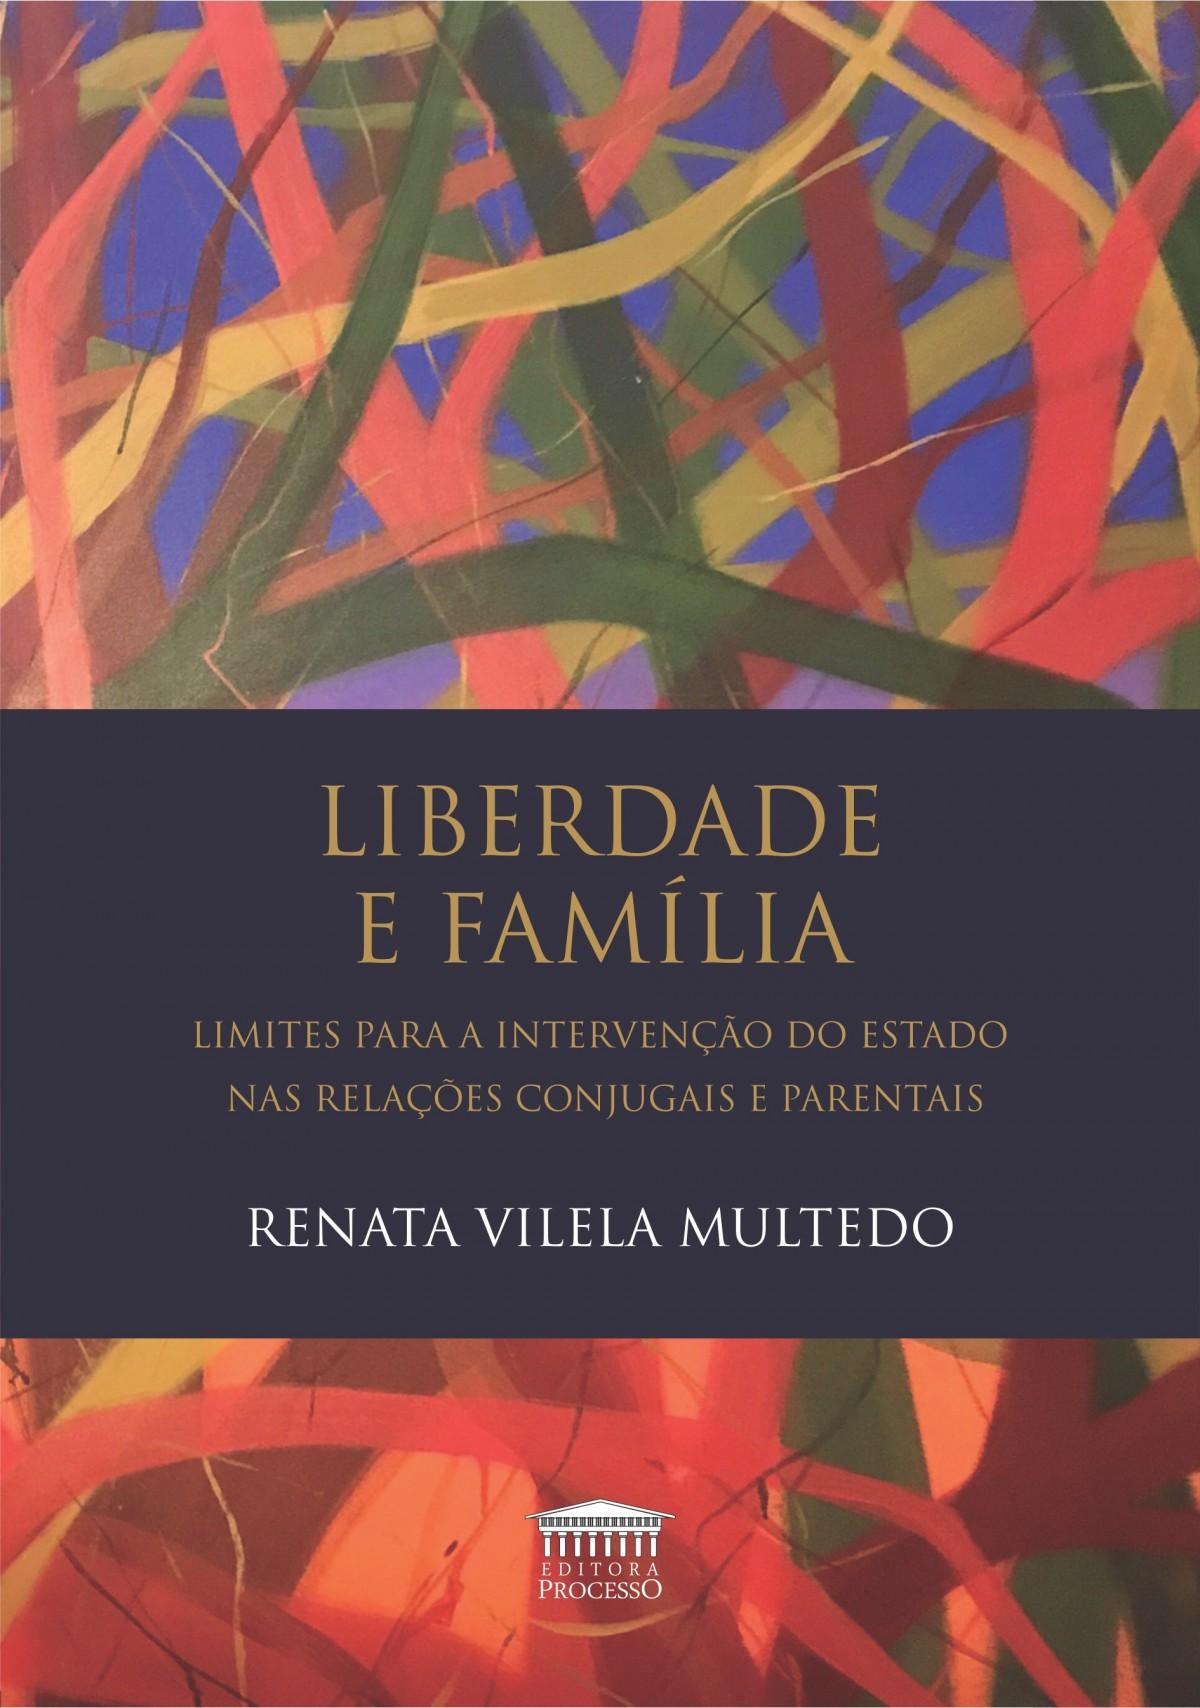 Foto 1 - Liberdade e Família - Limites para Intervenção do Estado nas Relações Conjugais e Parentais